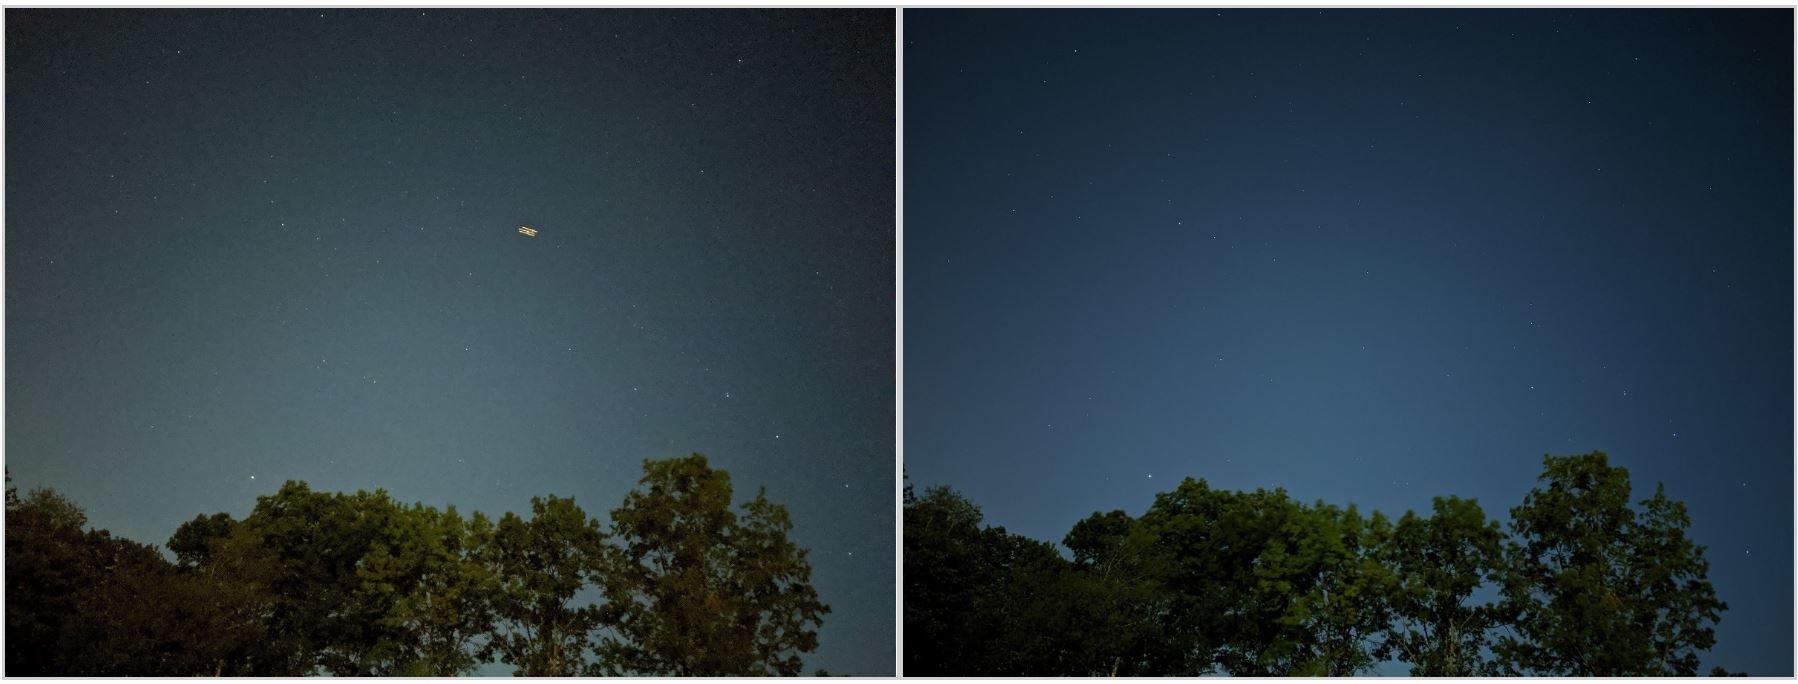 pixel 4 astro 2